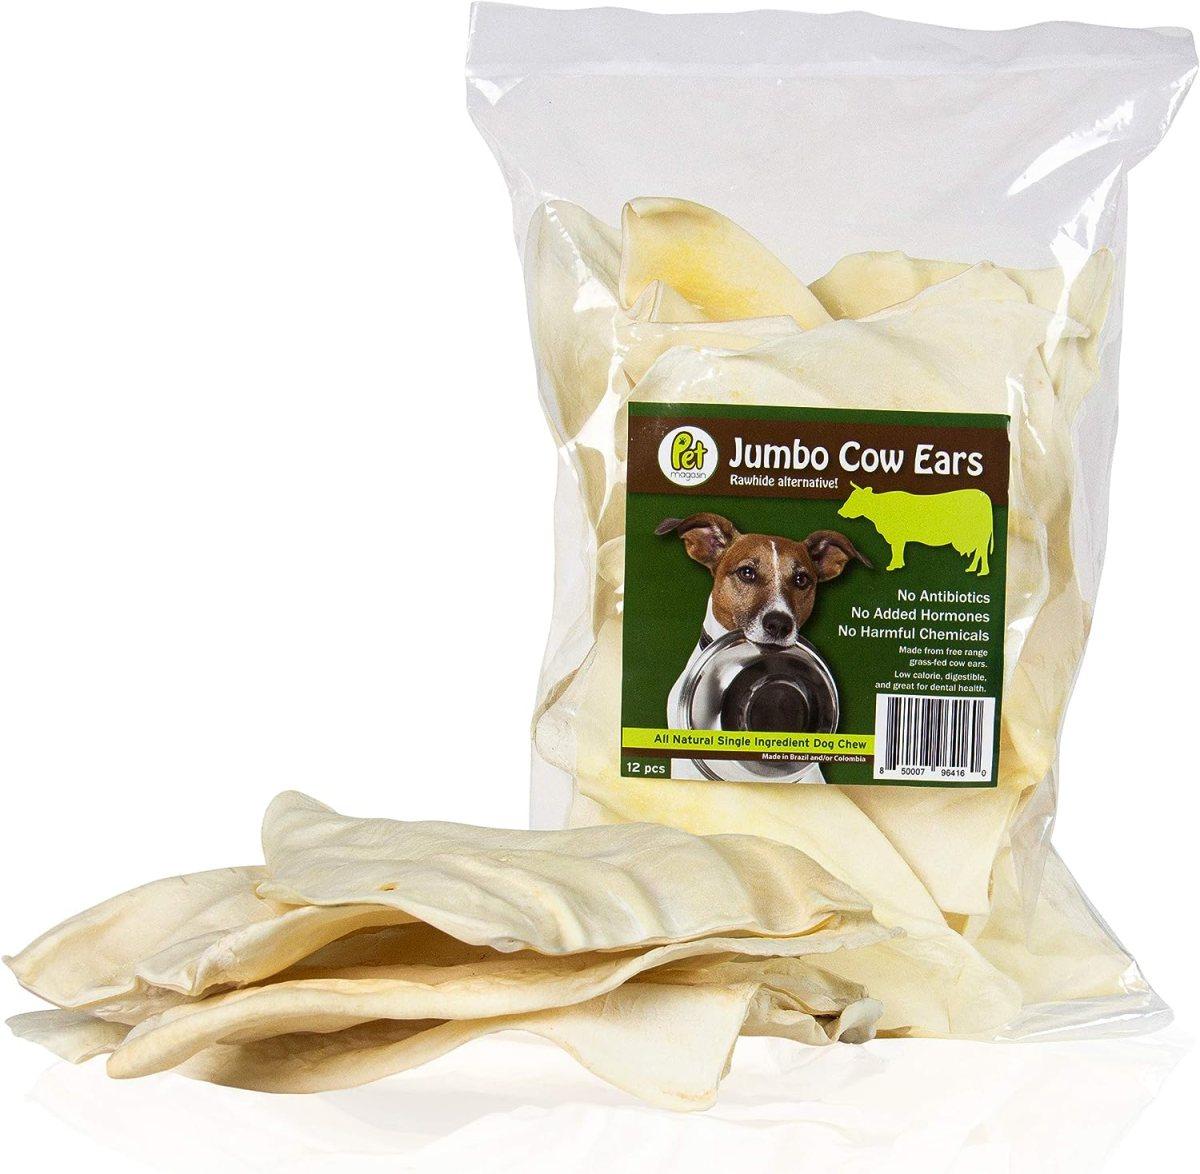 PET MAGASIN Orejas de Vaca Gigantes, Naturales, Paquete de 12, para Perros, súper masticables, Larga duración, Alternativa al Cuero Crudo